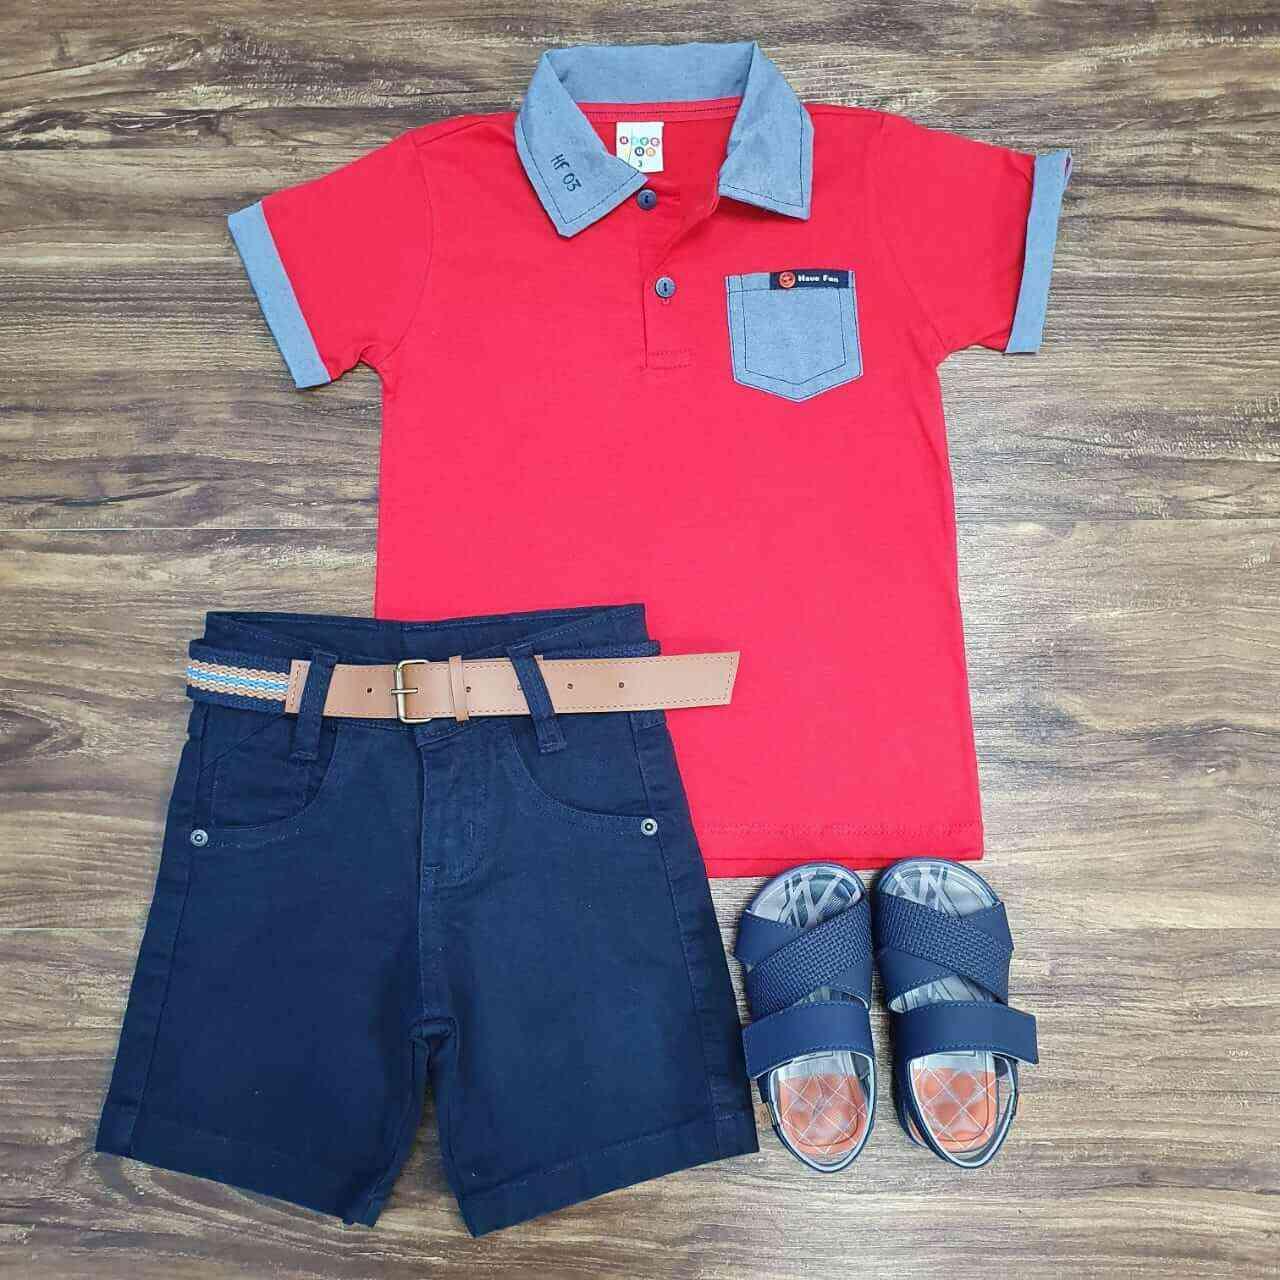 Bermuda Azul Marinho com Camisa Polo com Bolso Vermelha Infantil